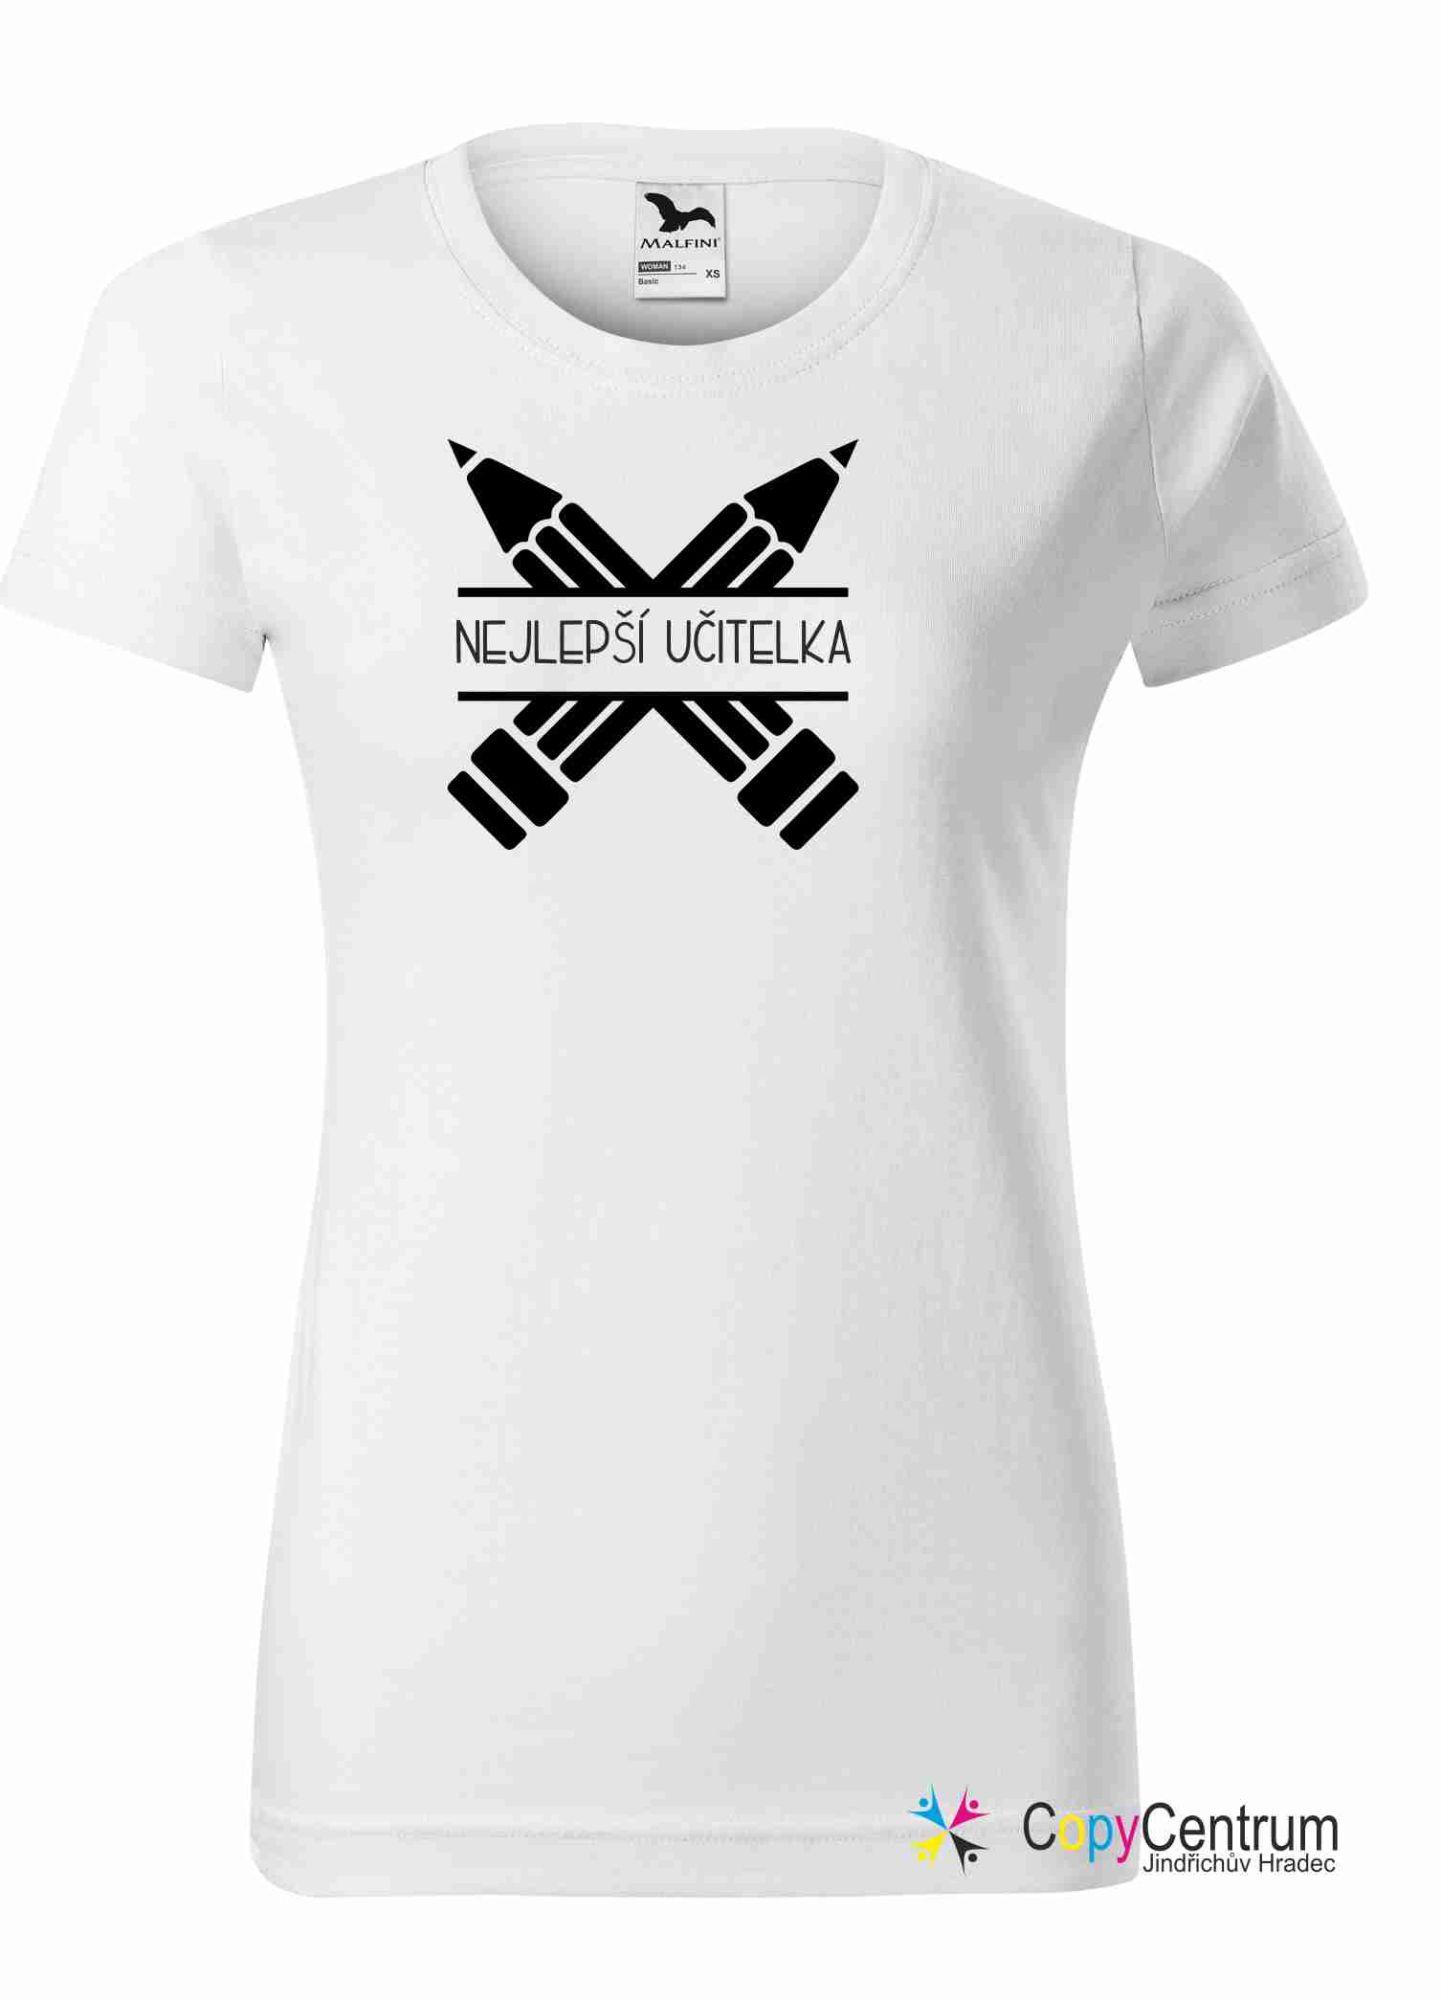 Učitelské tričko bílé dámské NEJLEPŠÍ UČITELKA